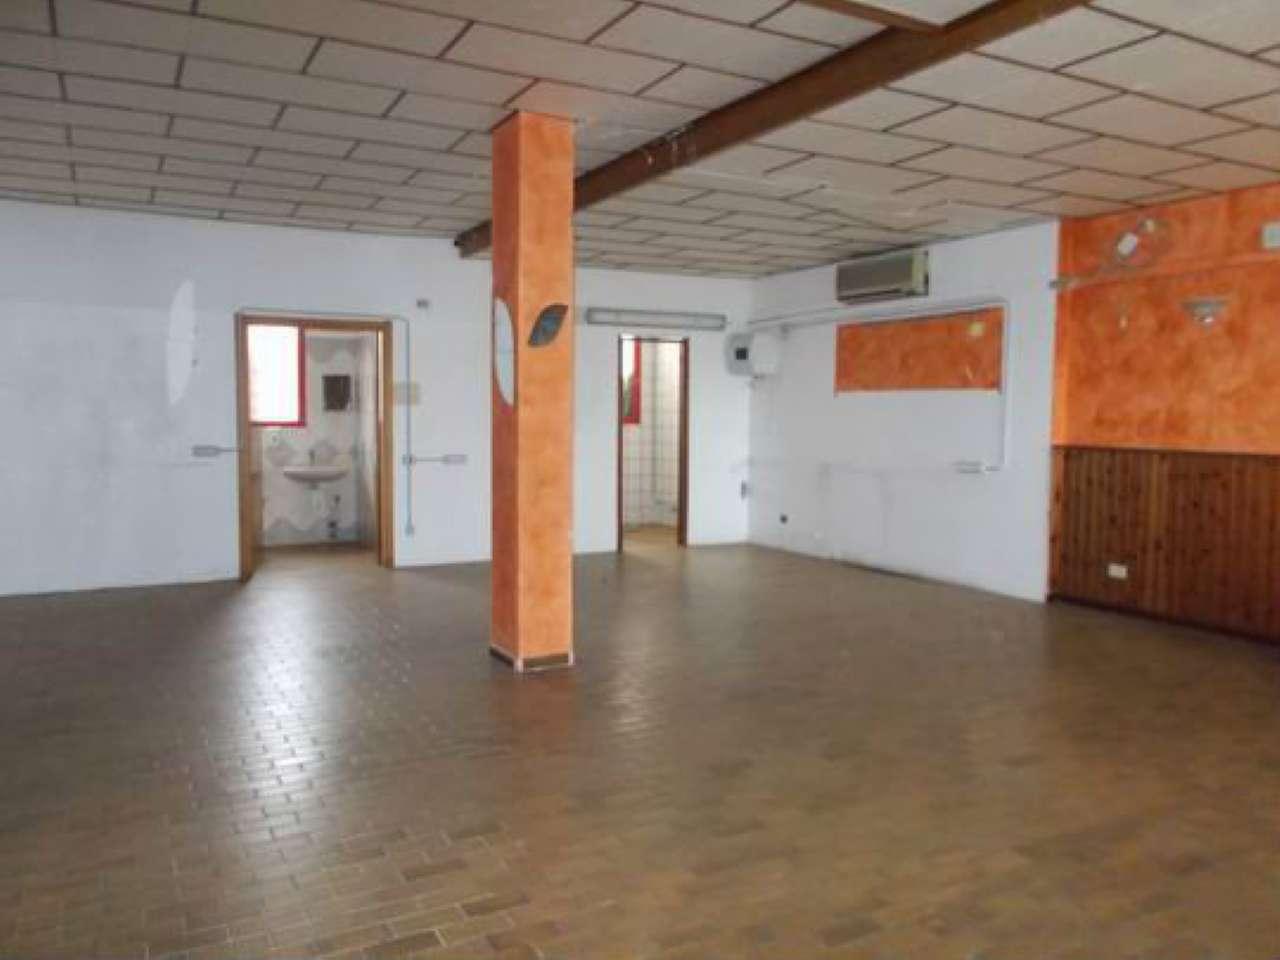 Negozio / Locale in affitto a Cavenago di Brianza, 1 locali, prezzo € 800 | CambioCasa.it